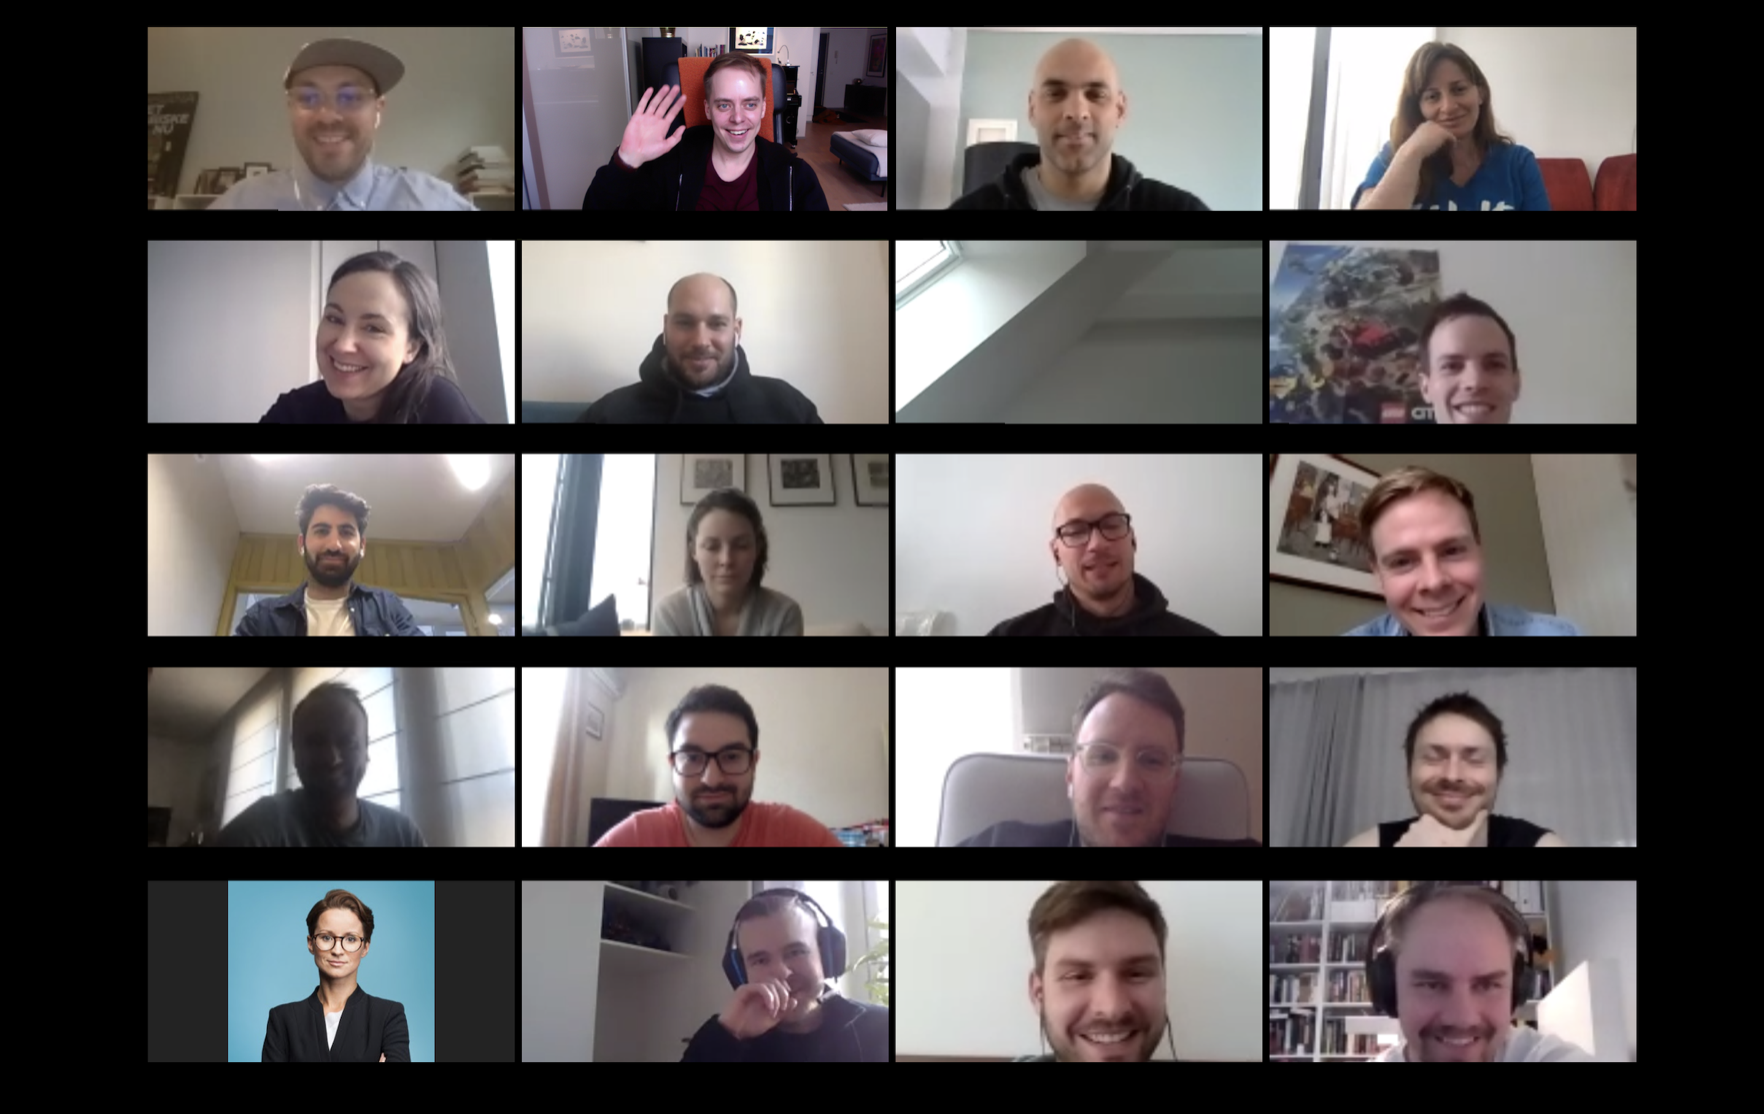 Woltin eri maiden maajohtajia ja muita työntekijöitä Zoom-videopuhelussa maaliskuussa 2020. Koronan aikana yrityksen kaikki 1 000 työntekijää tekevät etätyötä..png